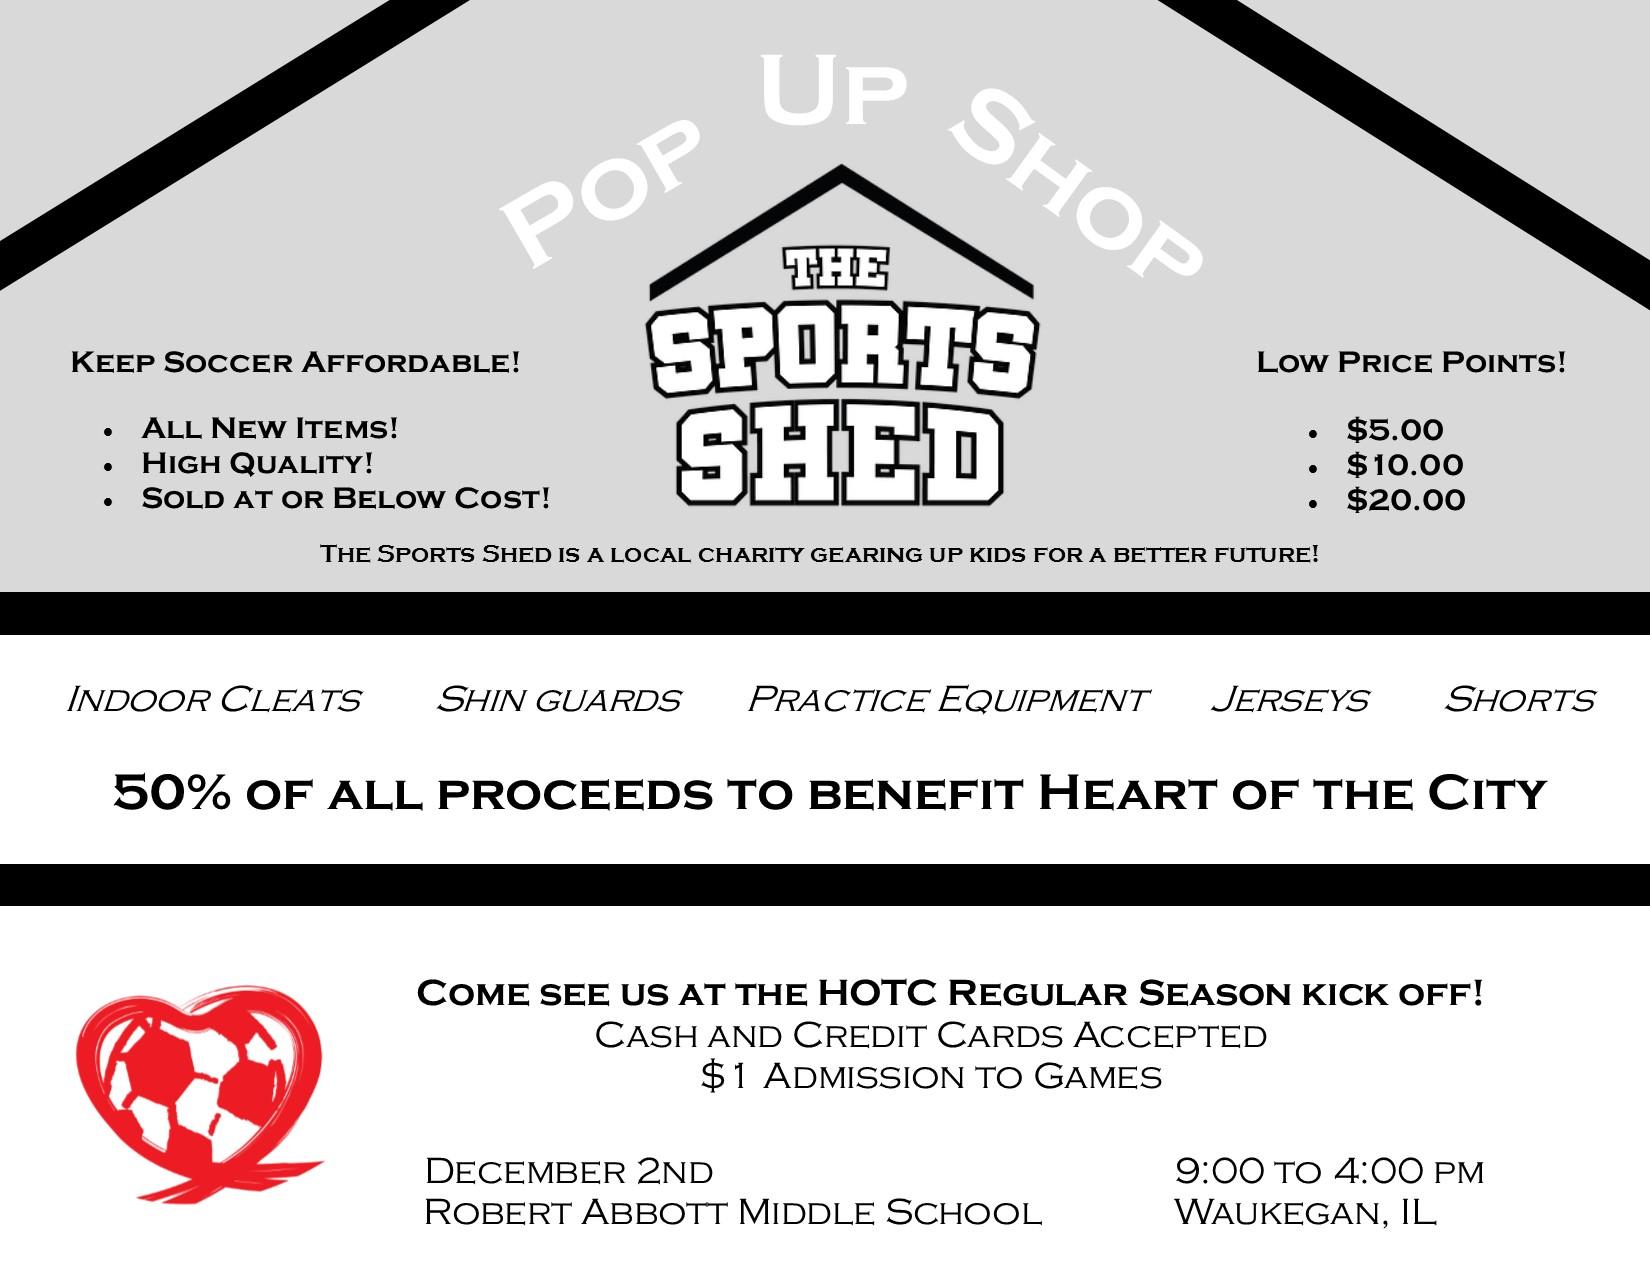 Pop Up Shop Flyer December 2nd